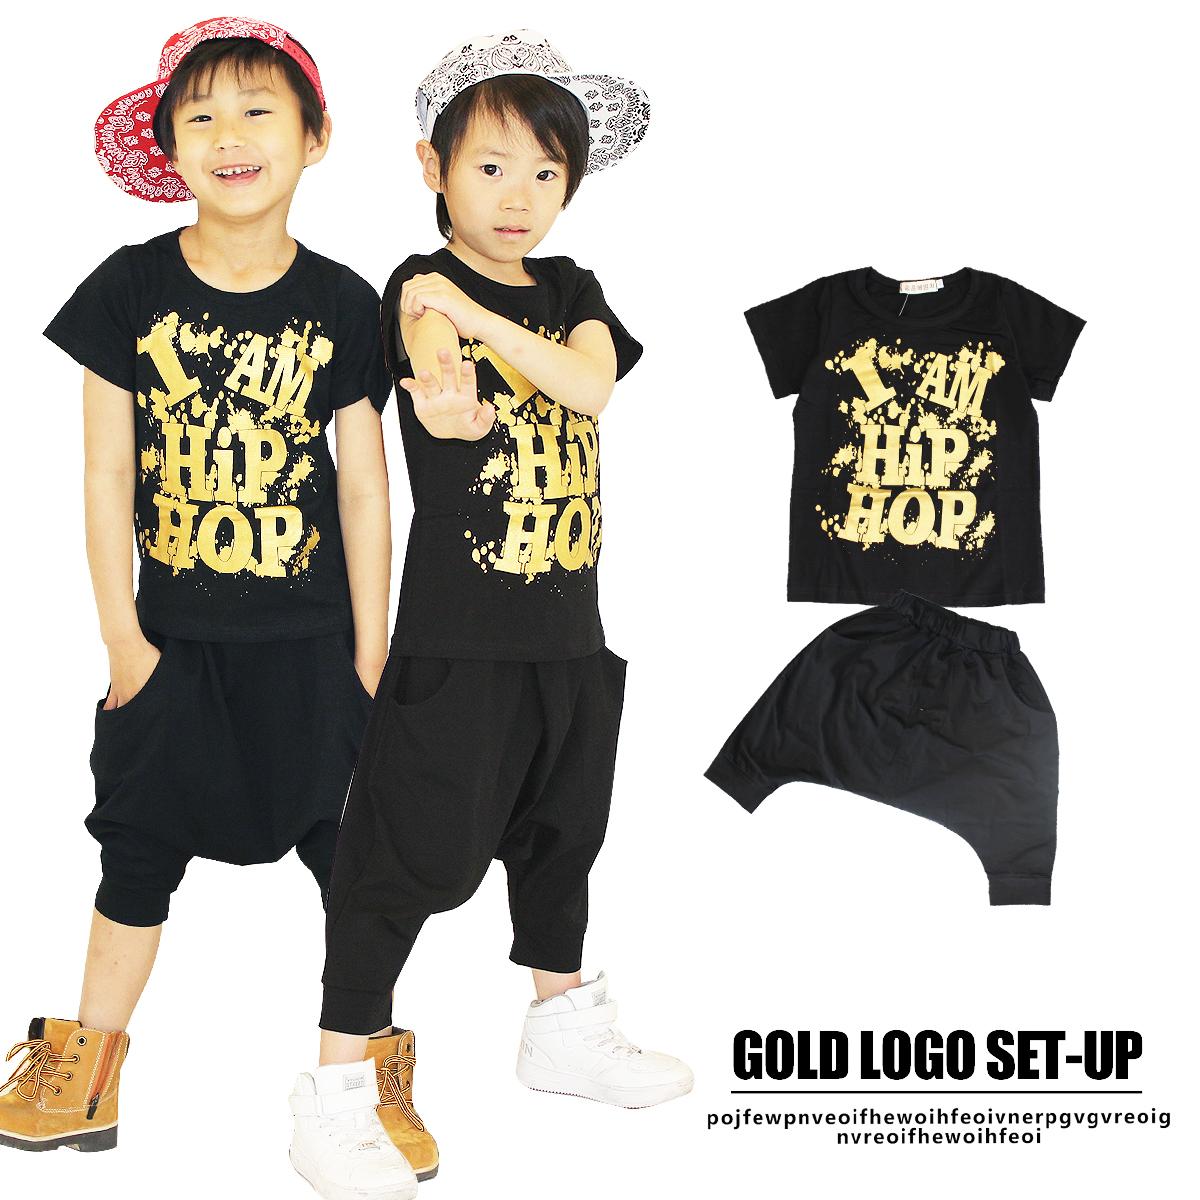 ゴールドロゴ 半袖 上下セット ゴールドロゴ 半袖 上下セットセット ロゴT セットアップ サルエル ジュニア キッズ ブラック ゴールド ダンス HIPHOP 衣装 120cm 130cm 140cm 150cm 女の子 男の子 子供服子供服yuai